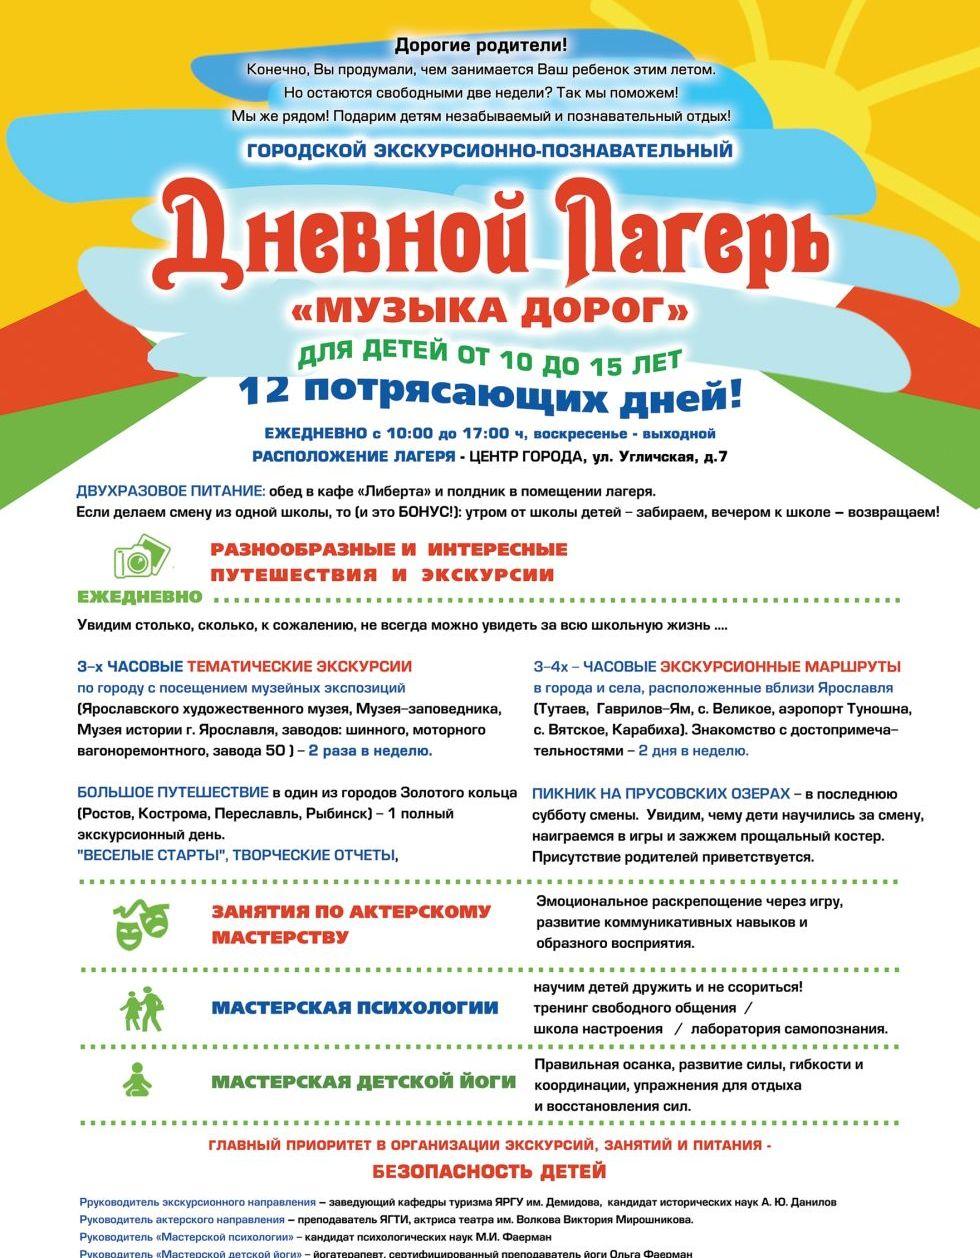 Официальный сайт территориального управления Ильинское администрации